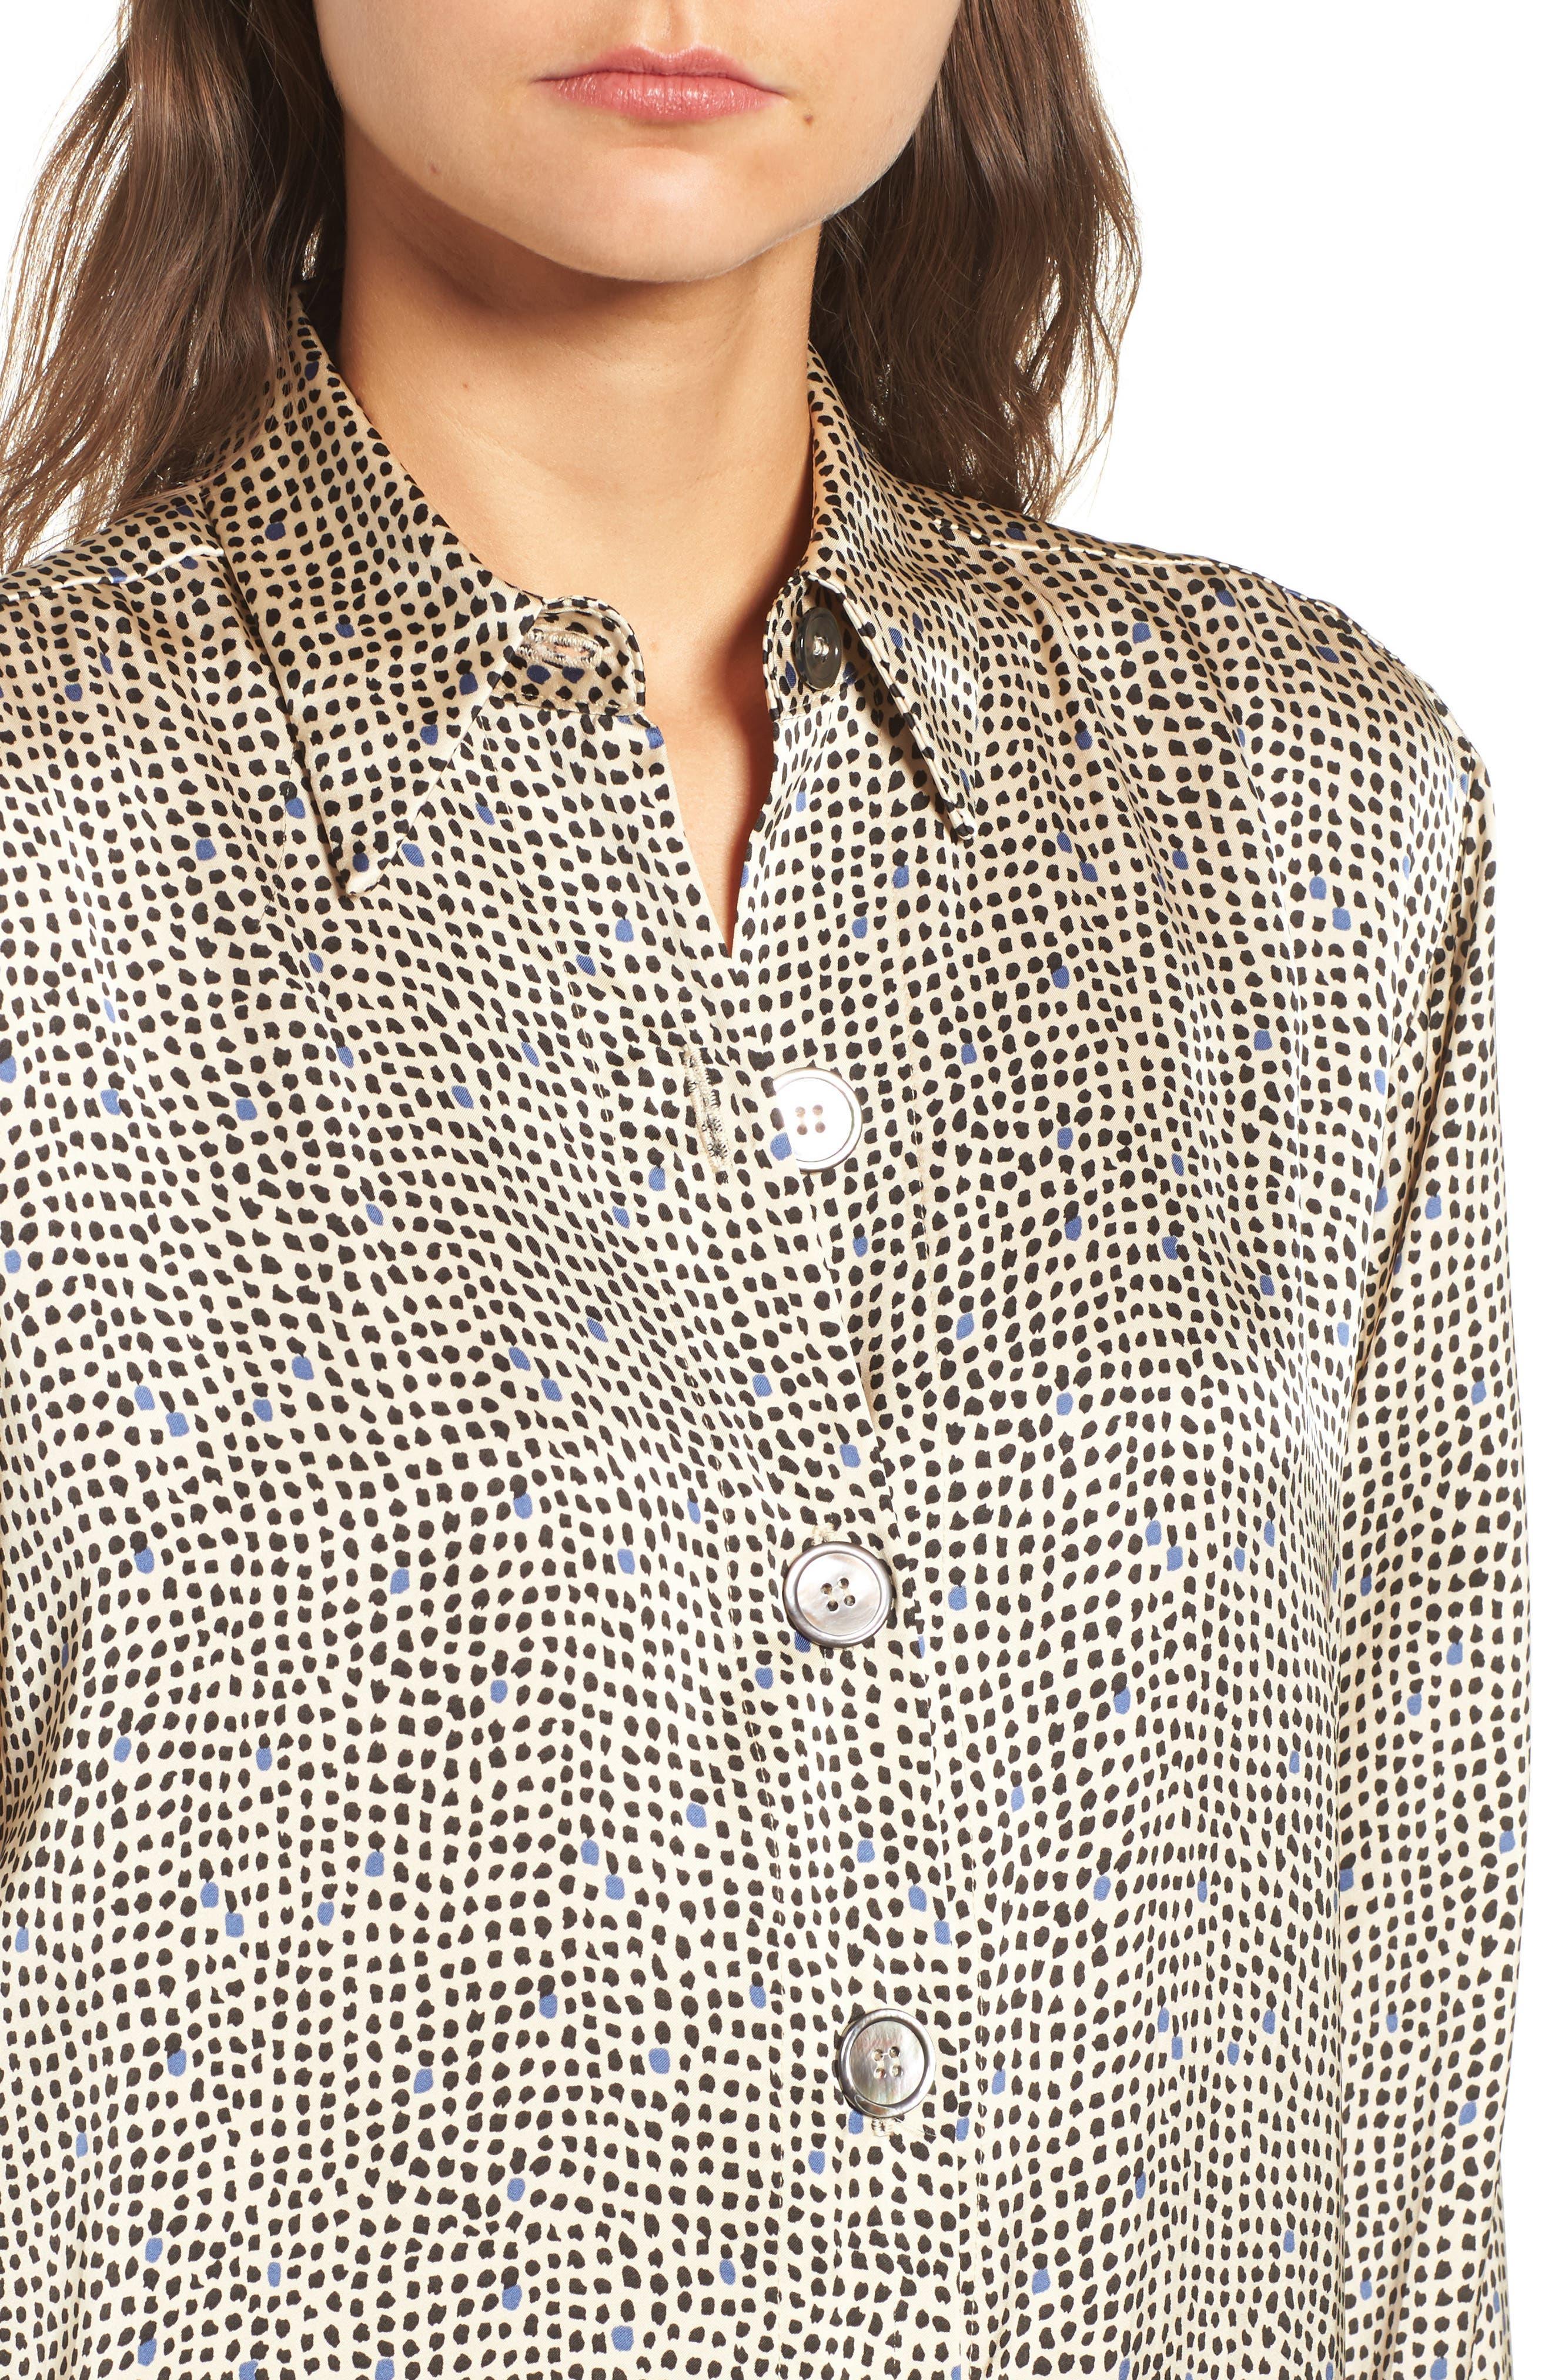 Mini Spot Shirt,                             Alternate thumbnail 4, color,                             251